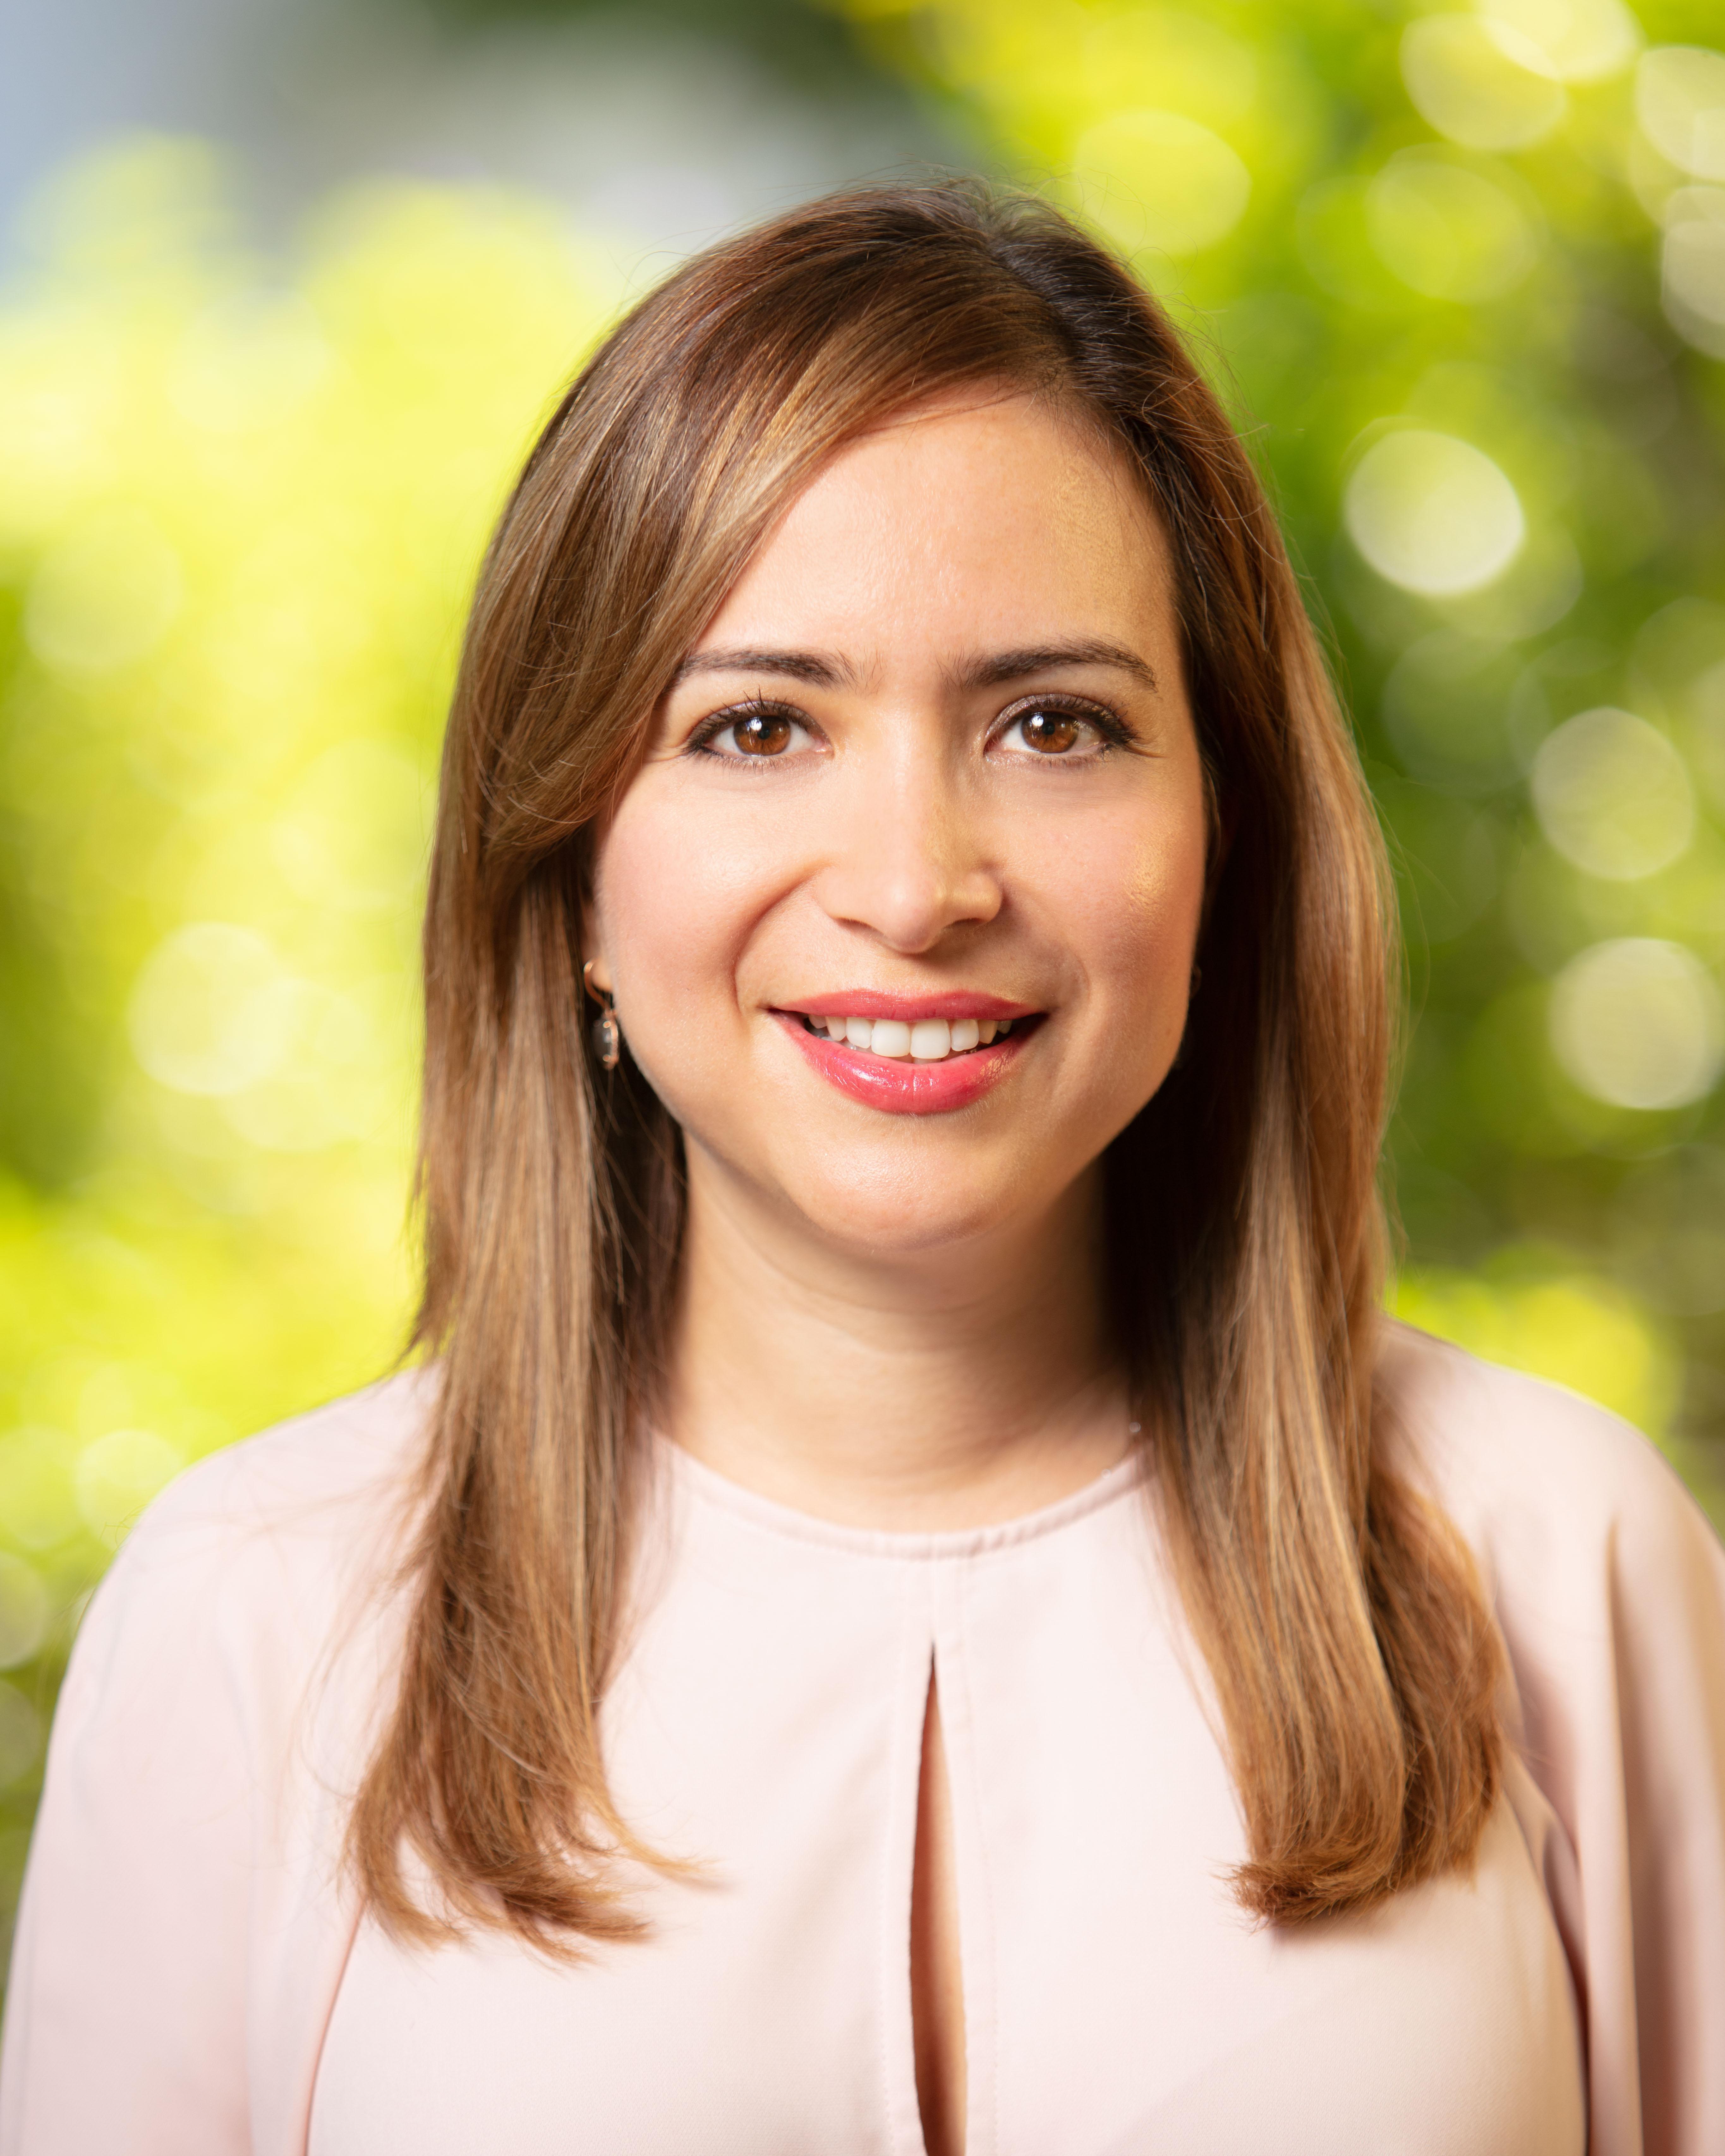 Aimee Ruiz